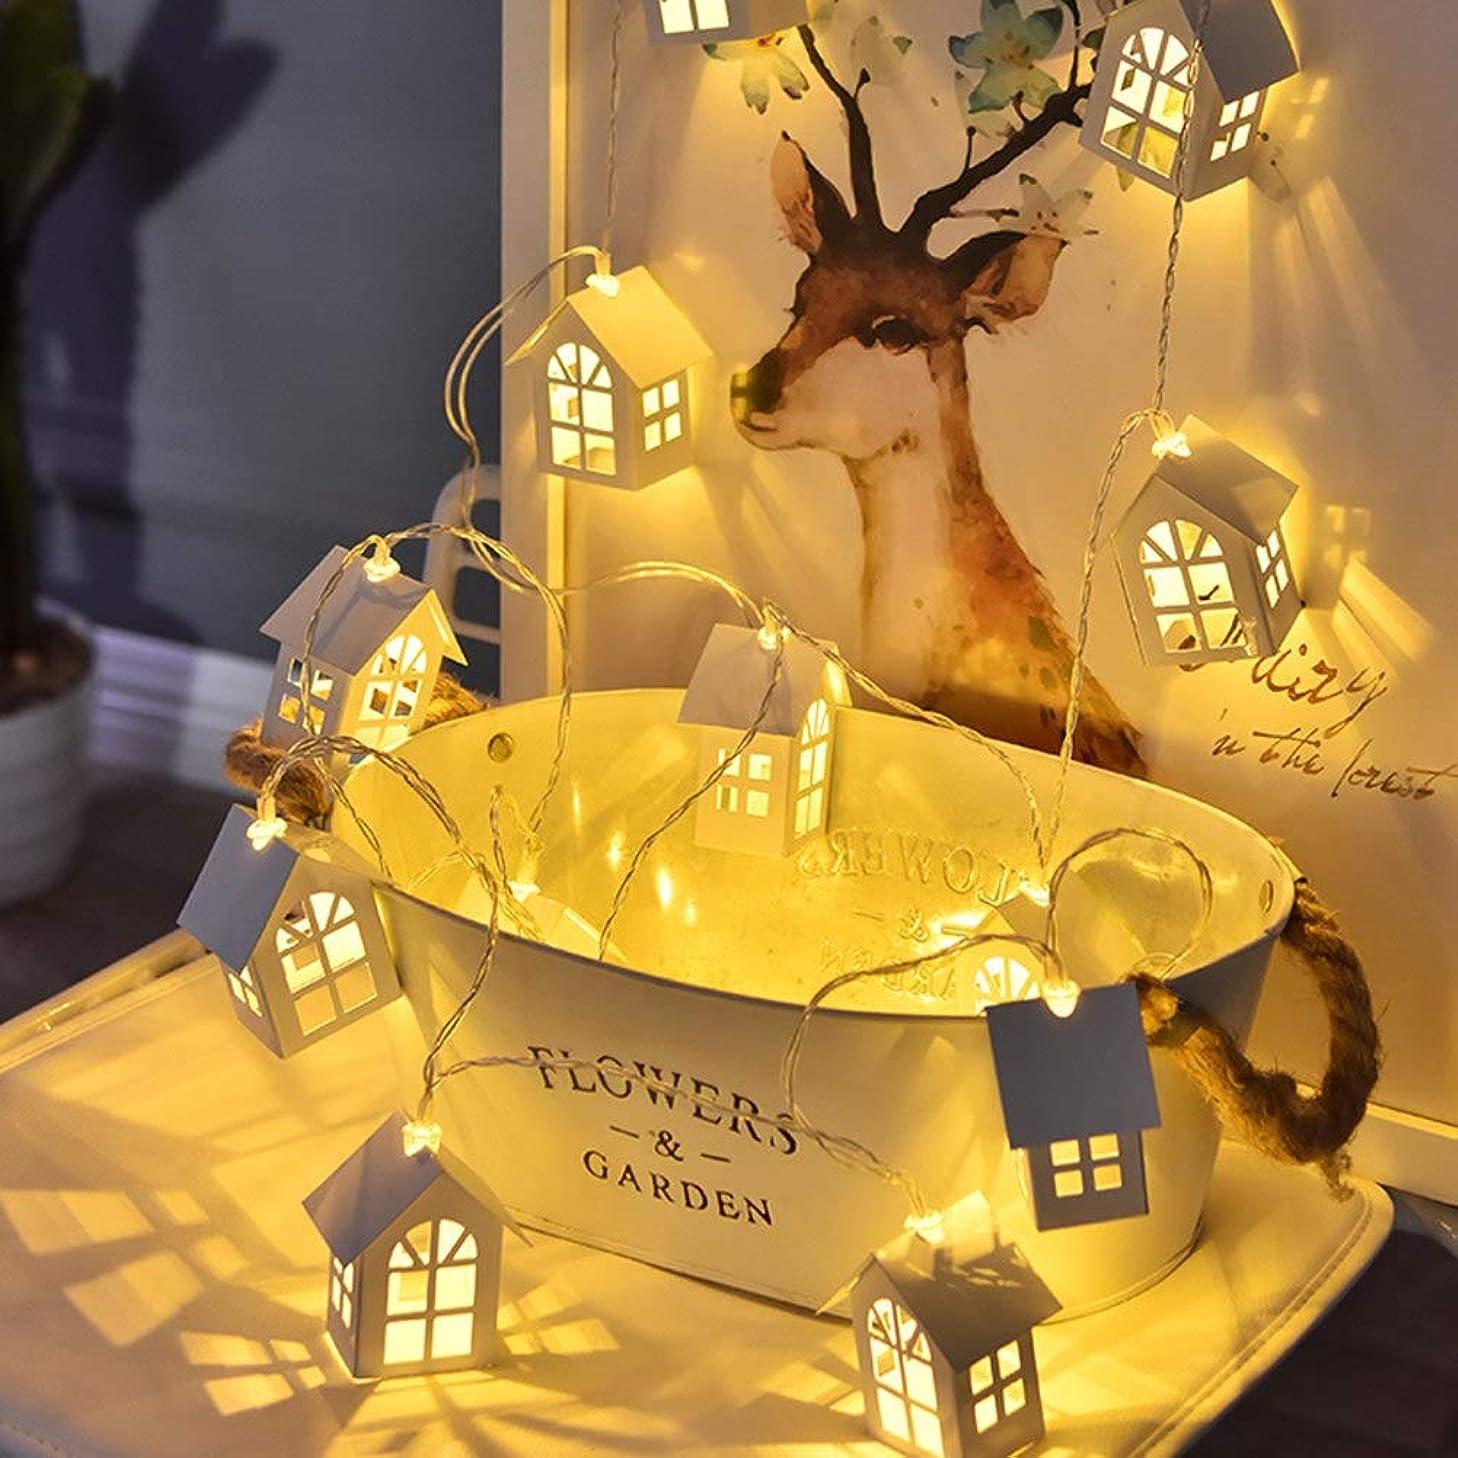 デイジー受け入れるモナリザMessagee クリスマスツリー飾り LED ライト ハウス 木製 シャレー USB/電池式 クリスマスオーナメント 飾り付け ホテル バー 部屋 お庭 雰囲気 結婚式 クリスマス 新年 パーティー